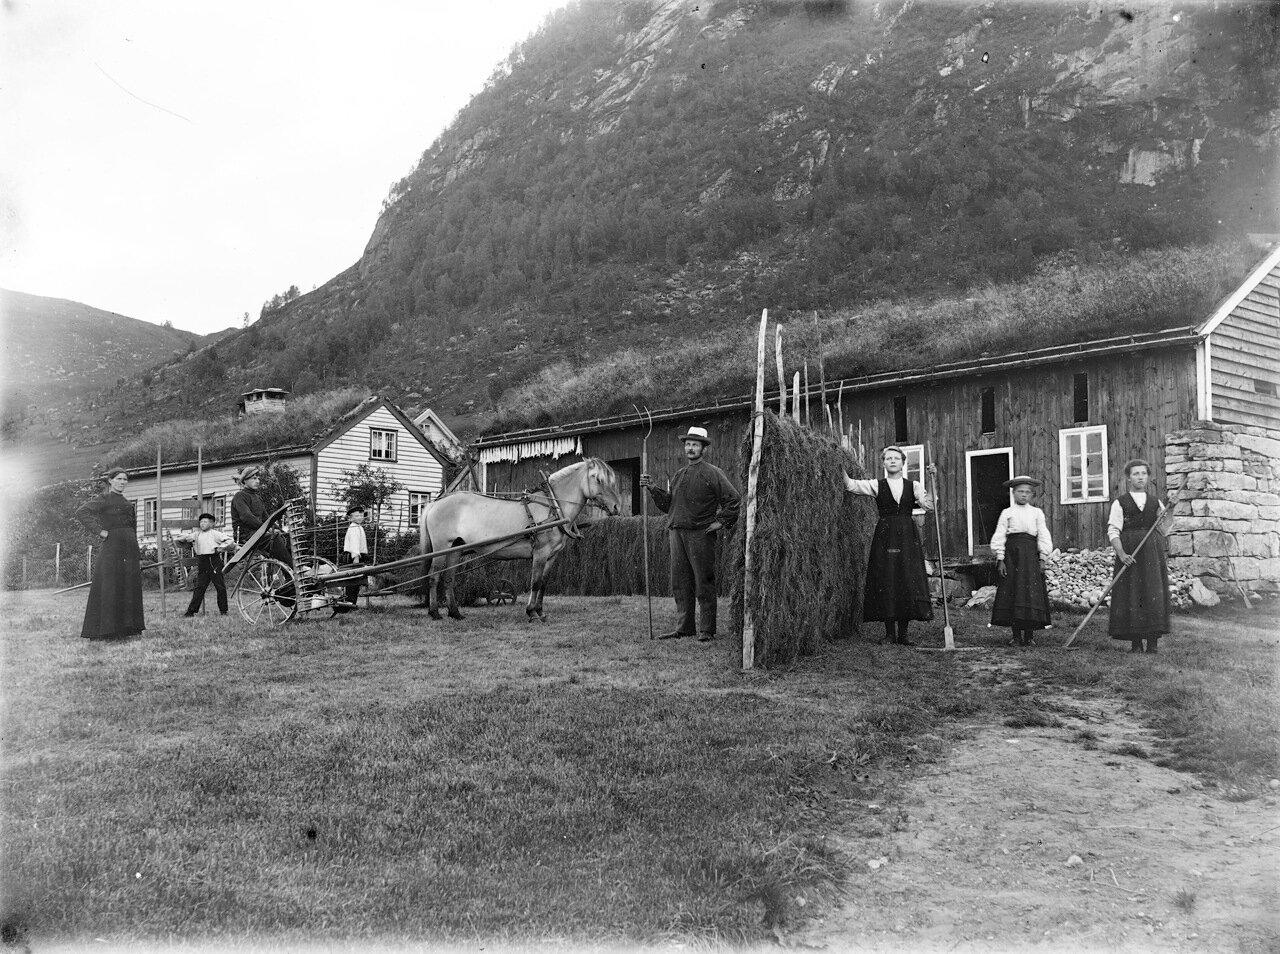 Ферма в Западной Норвегия ок. 1890-1910.